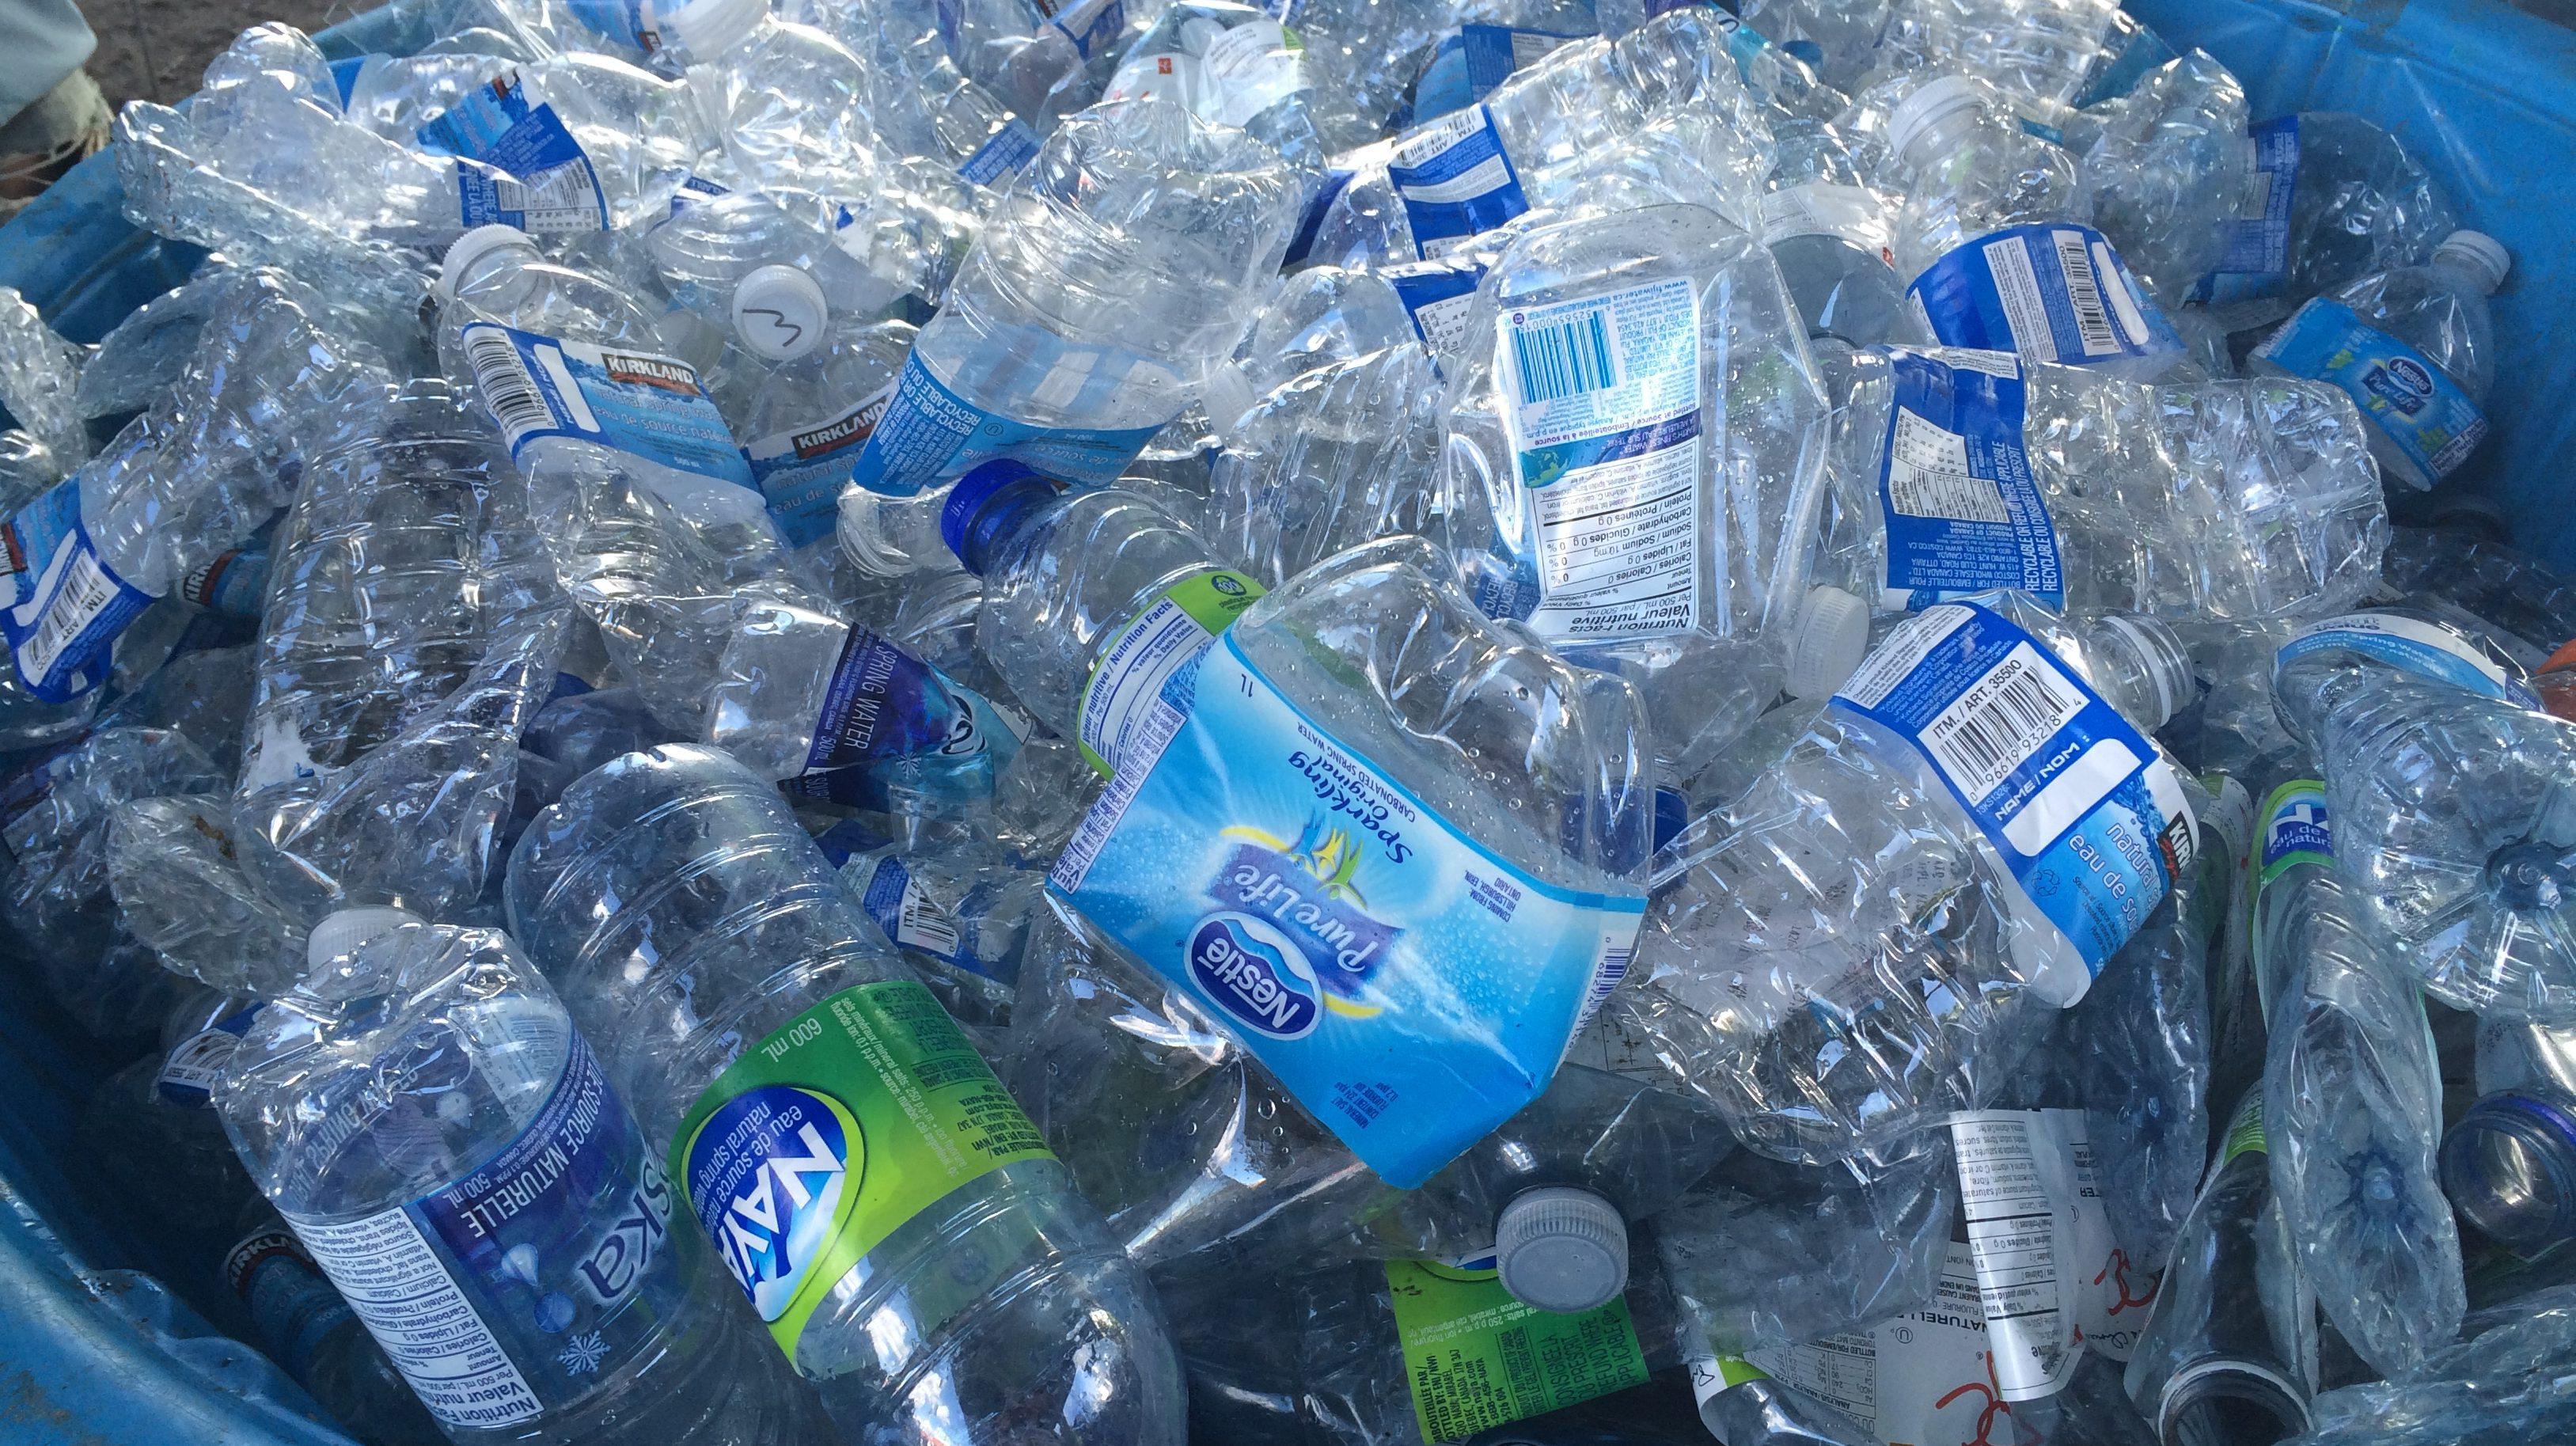 Plus adapté La Ville de Montréal interdit les bouteilles d'eau en plastique XE-21